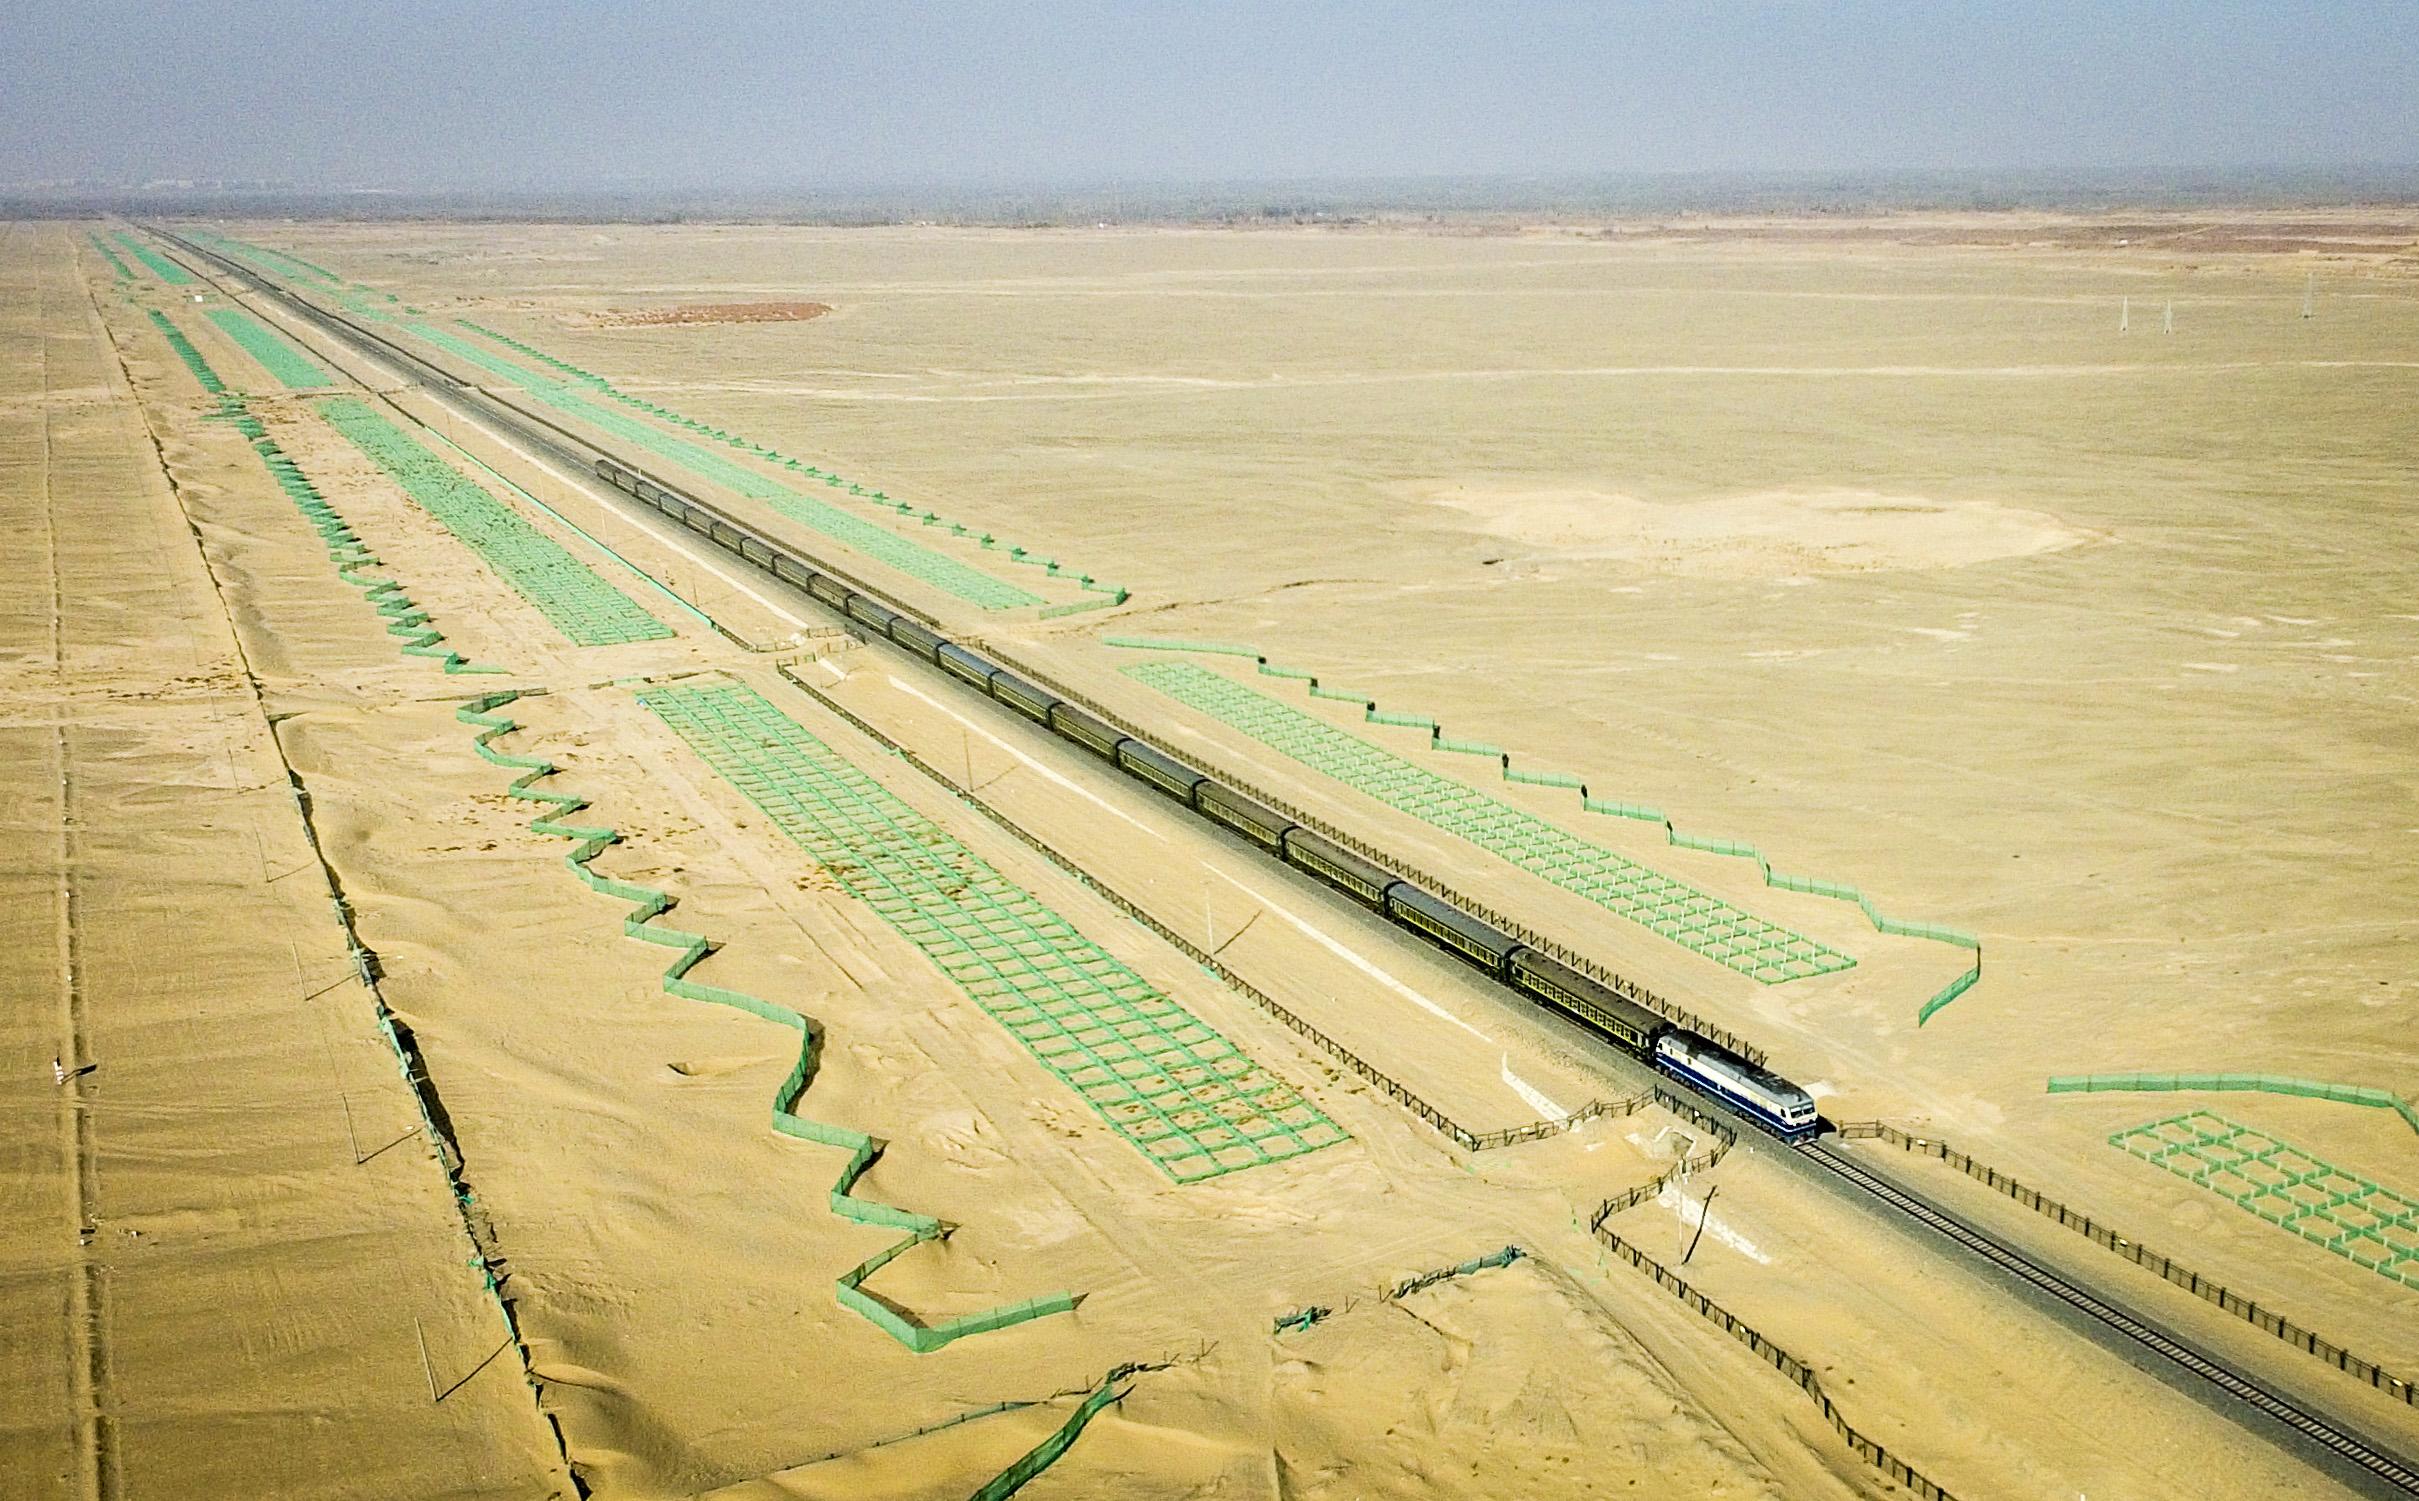 喀什-和田对开的绿皮火车行驶在喀什地区叶城县和和田地区皮山县之间的风沙区(11月26日摄)。为了防止流沙,铁轨两侧已经设置了绿色的防砂帐。